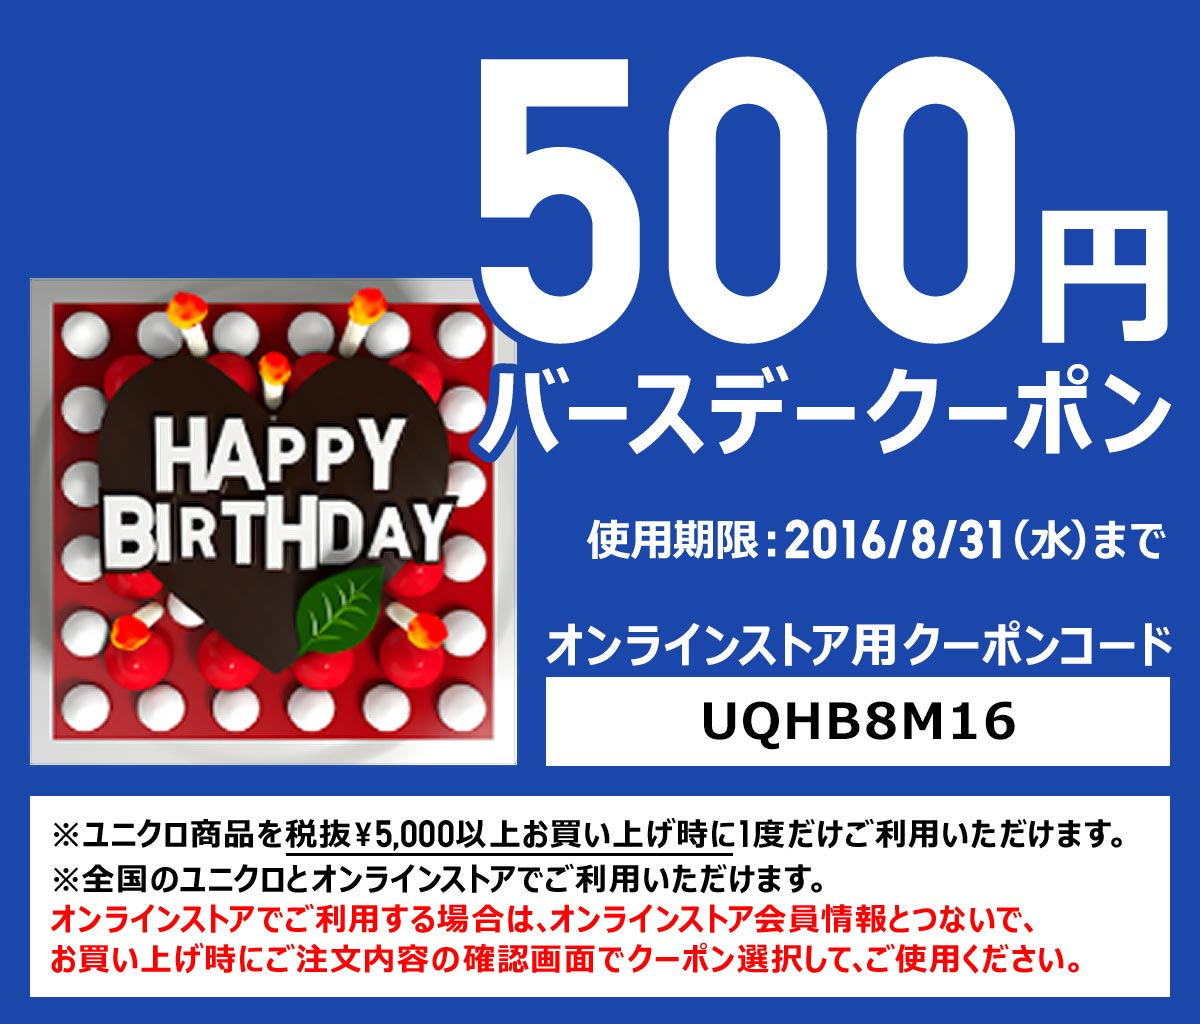 ユニクロオンラインストアで誕生日月クーポンを配信中。5000円以上で500円引き。